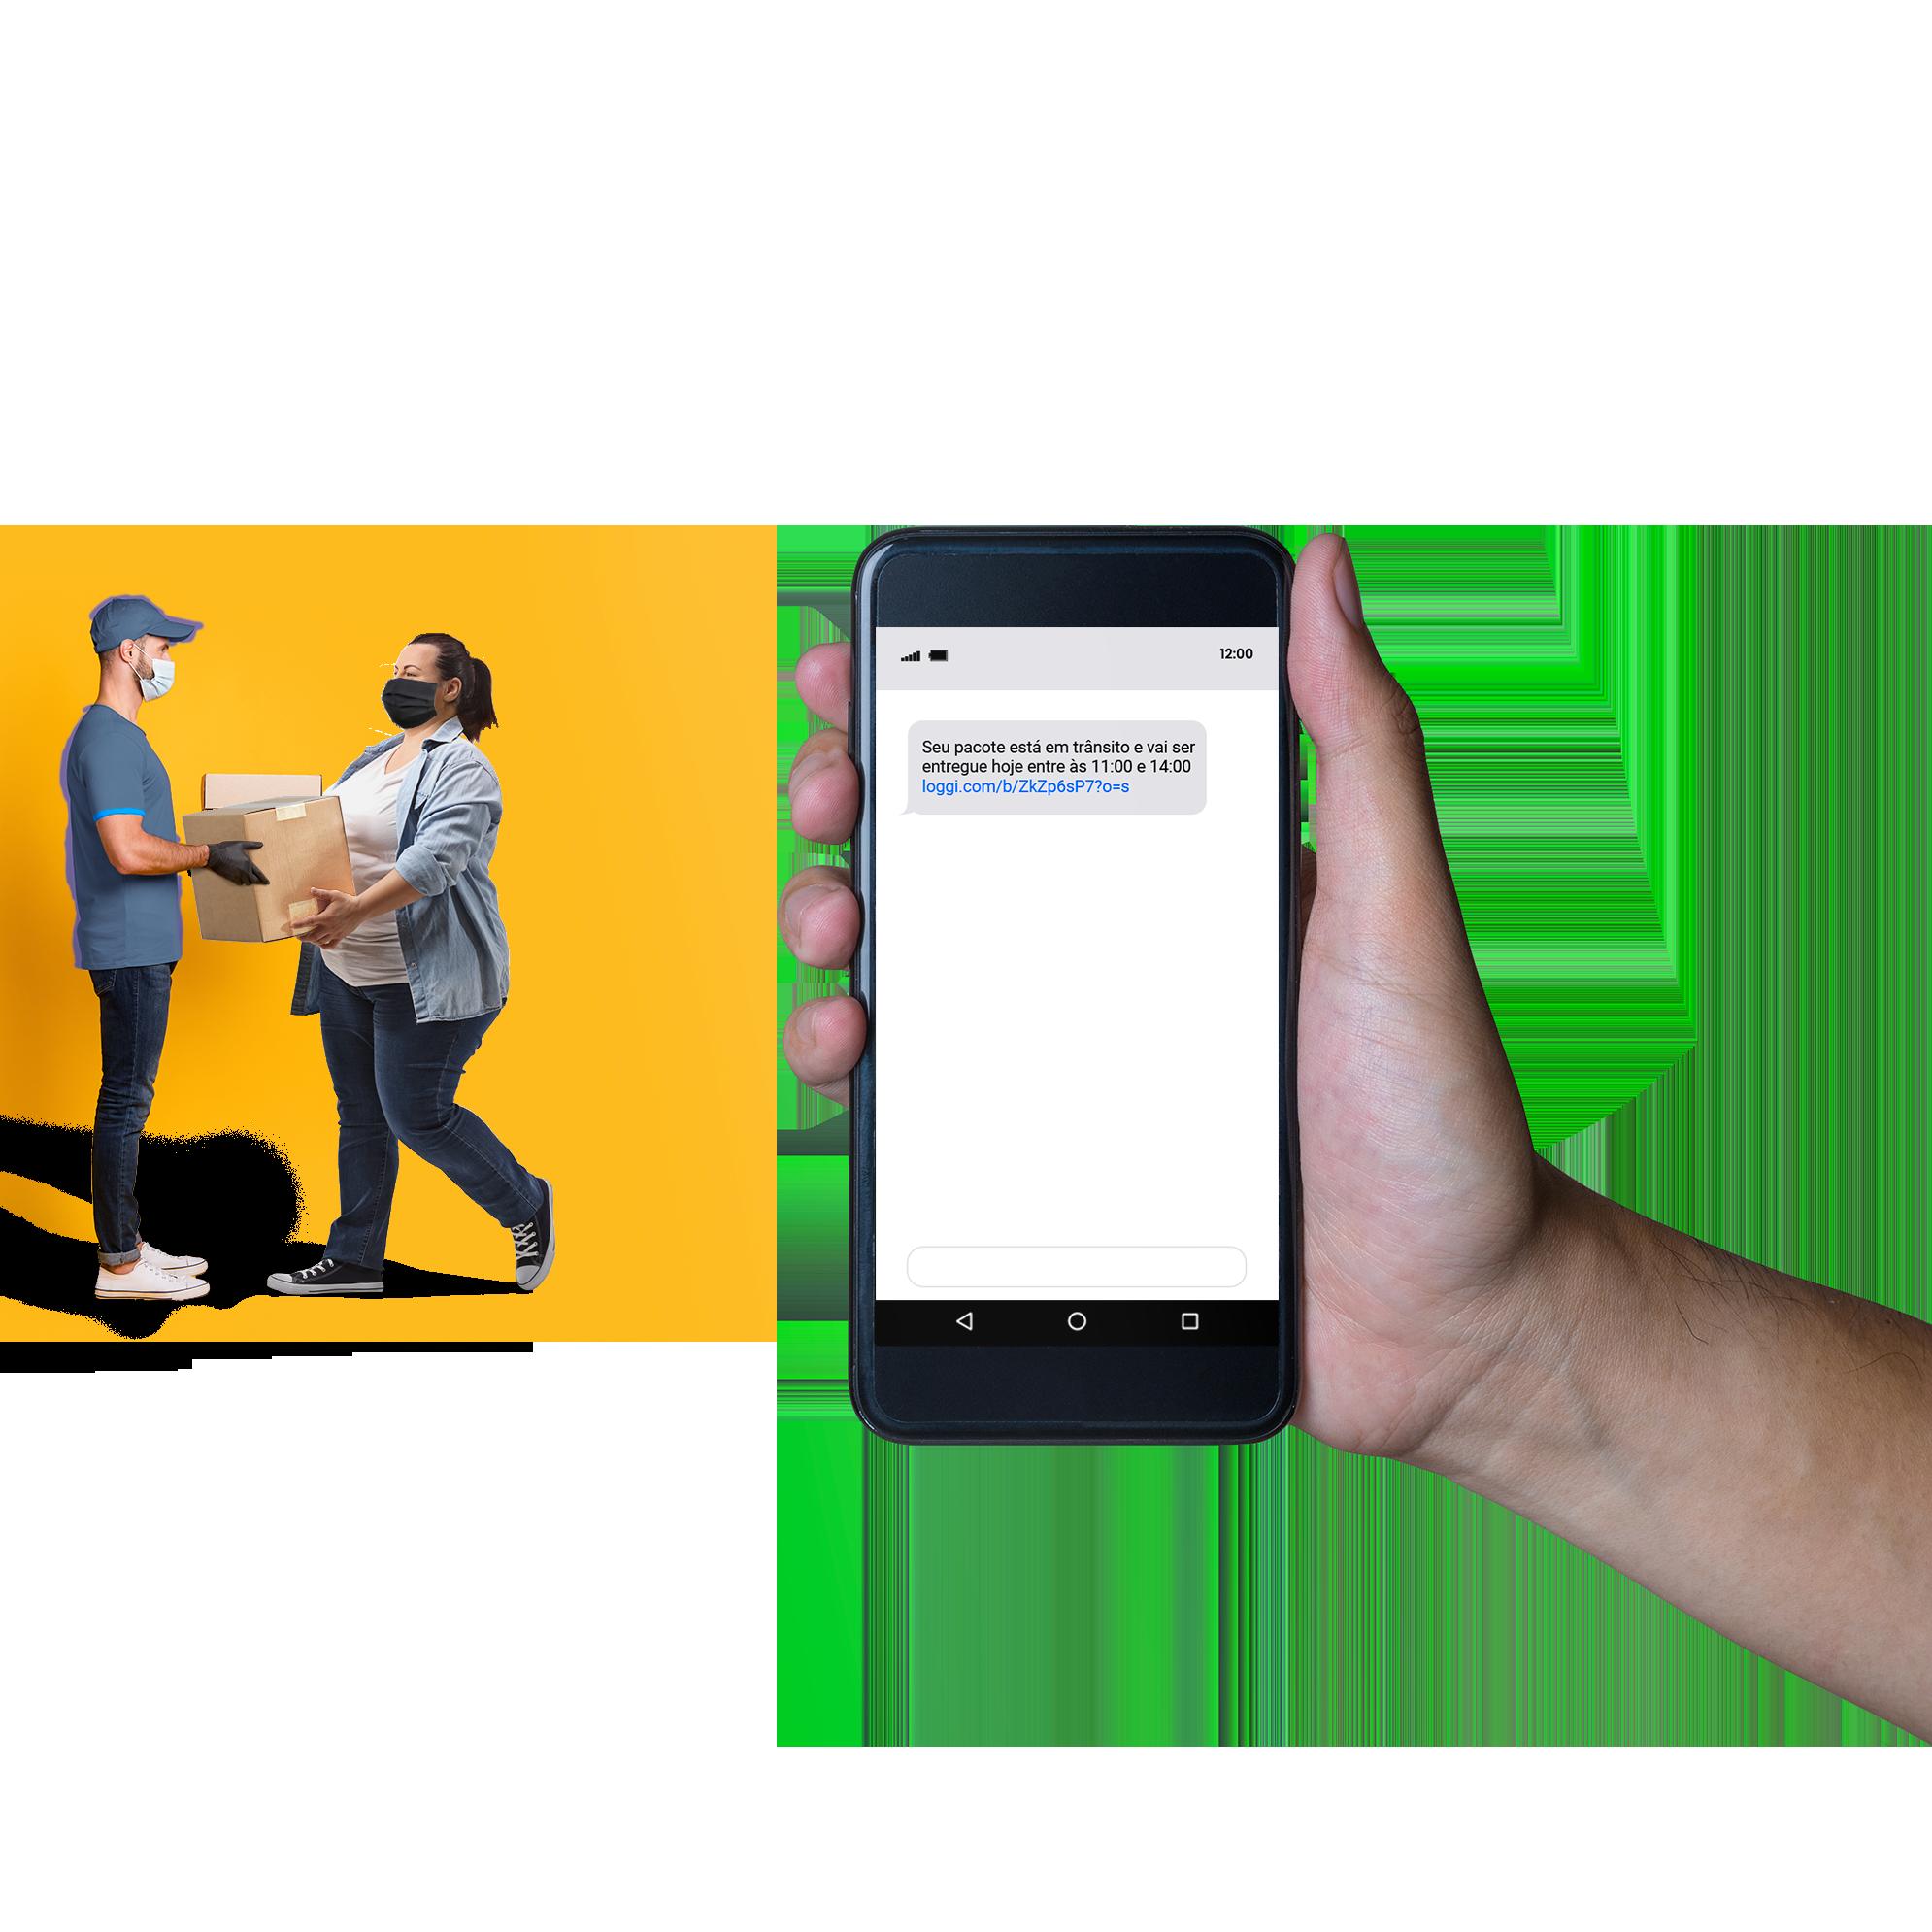 Entregador parceiro Loggi entregando pacote para o destinatário e mensagem de confirmação de entrega da Loggi na tela de um celular